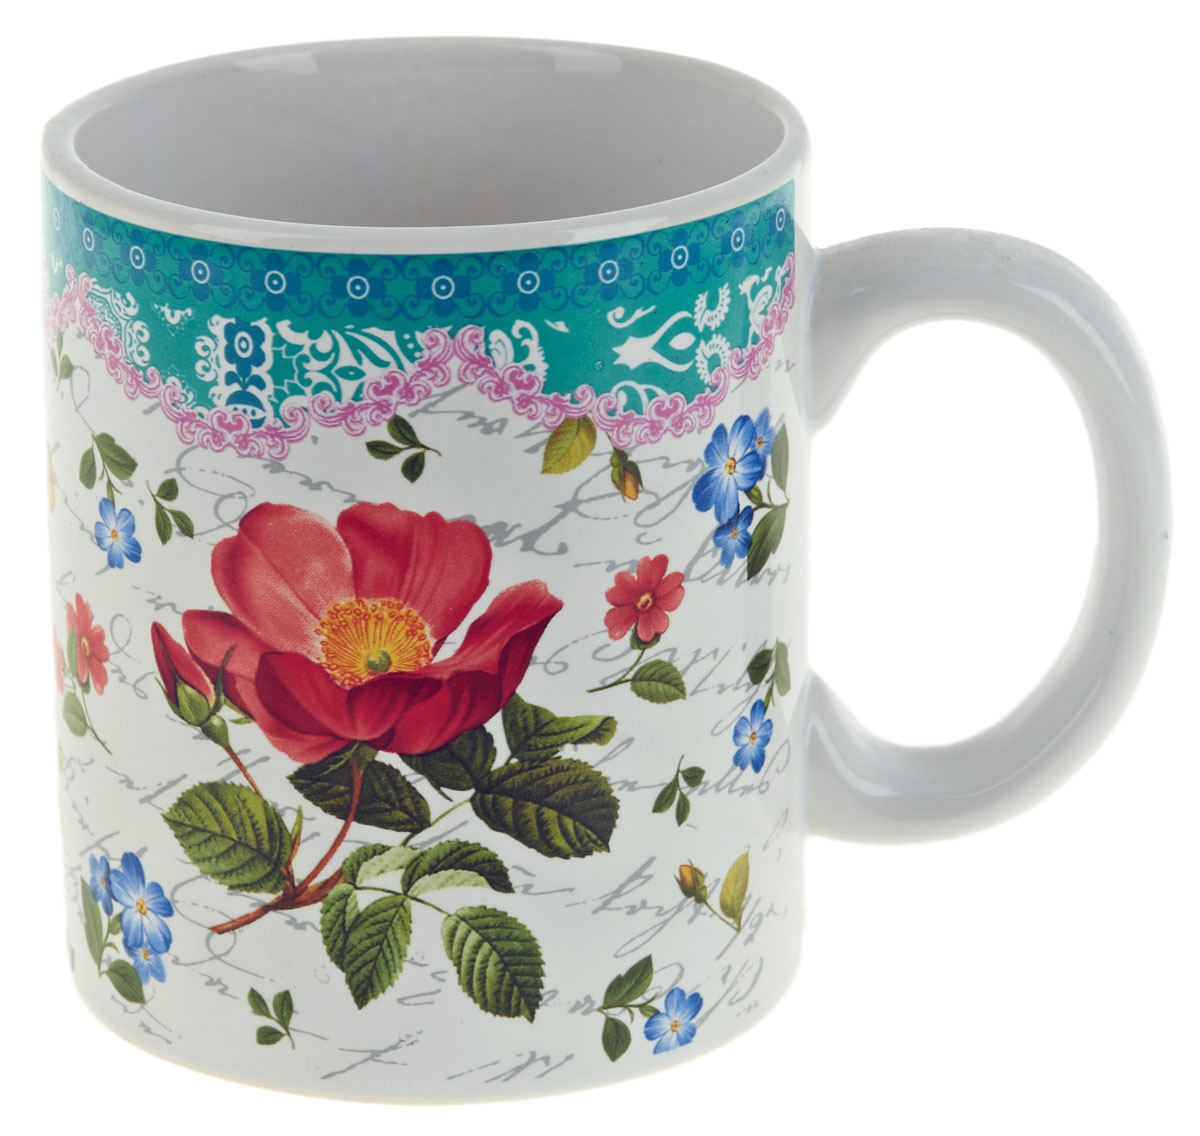 Кружка ENS Group Цветочная поэма, 400 мл. 0660119115510Кружка Цветочная поэма выполнена из высококачественной керамики и декорирована изображением розы и надписями.Кружка сочетает в себе оригинальный дизайн и функциональность. Благодаря такой кружке пить напитки будет еще вкуснее. Кружка упакована в подарочную упаковку и может послужить отличным подарком родным и близким!